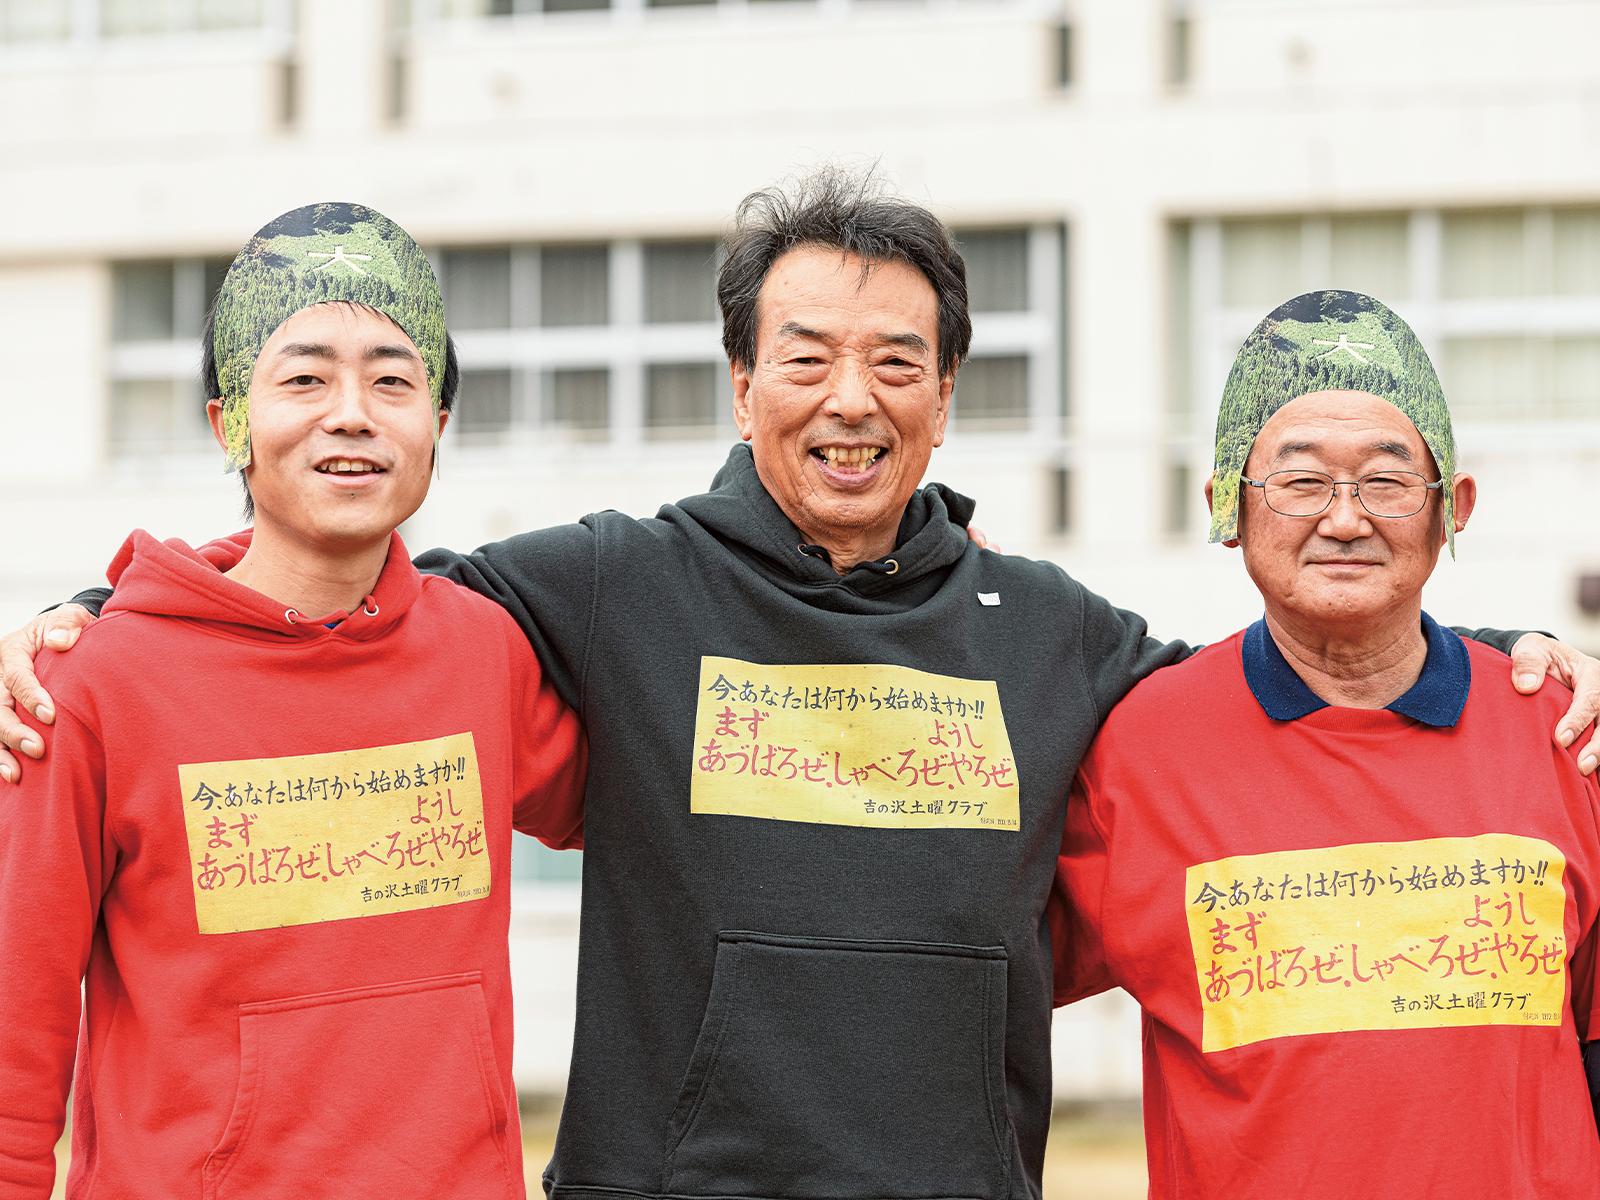 「大沢コミュニティ振興会」会長の池田昭則さん(中央)、副会長の後藤正一さん(右)と。阿部さん(左)は「こんなことをやってみたいと二人に相談して、否定されたことがありません」と話す。